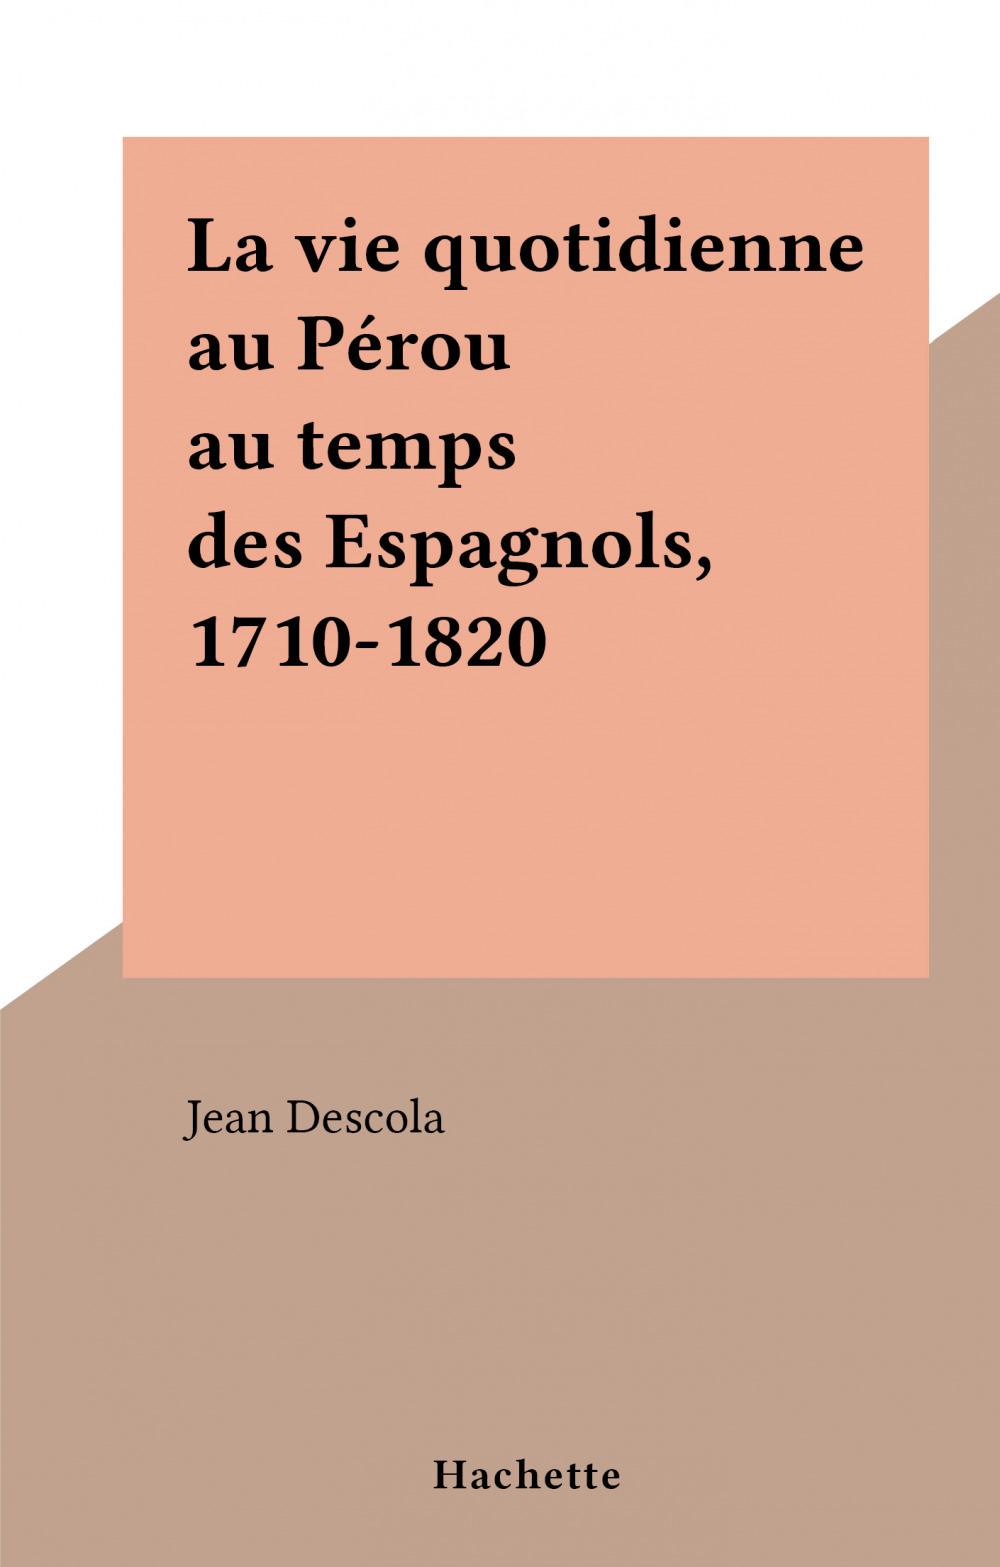 La vie quotidienne au Pérou au temps des Espagnols, 1710-1820